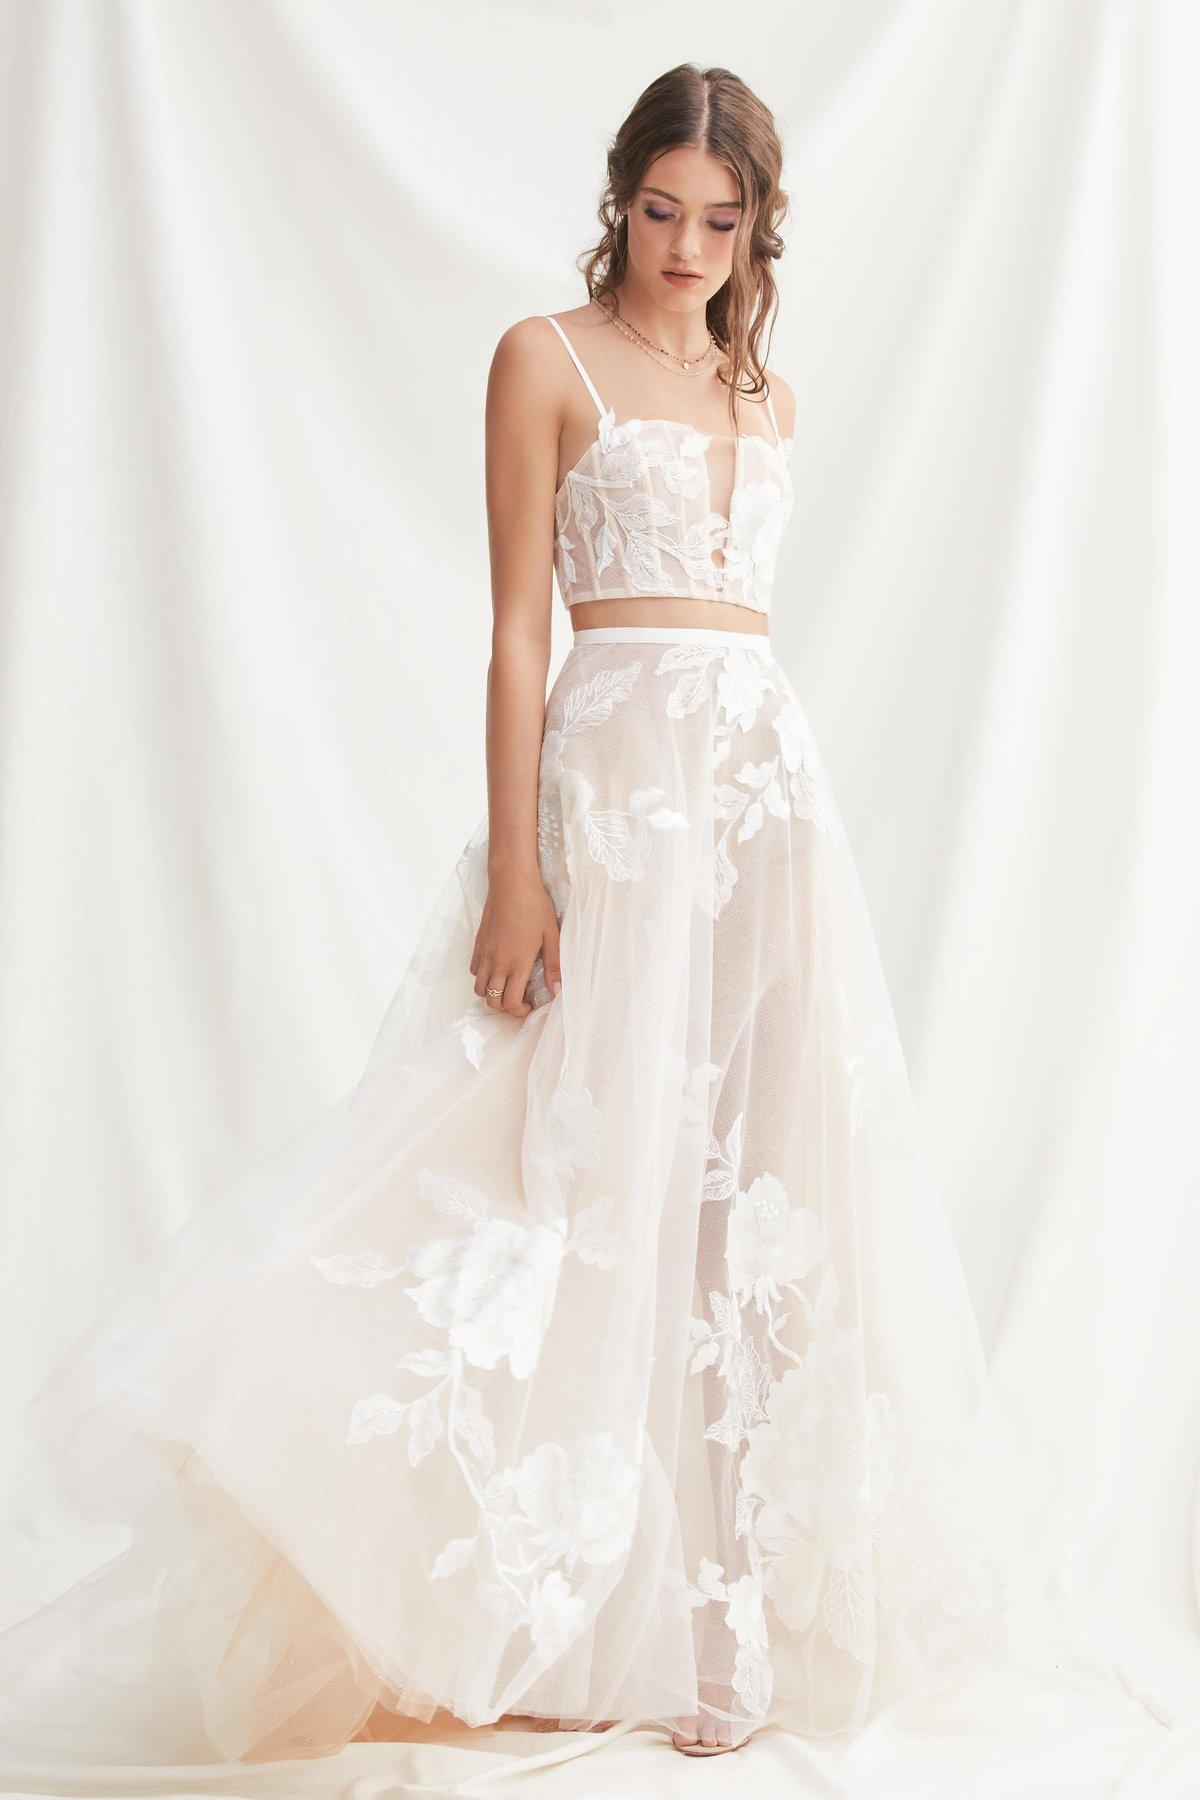 Rai Skirt - Featured photo